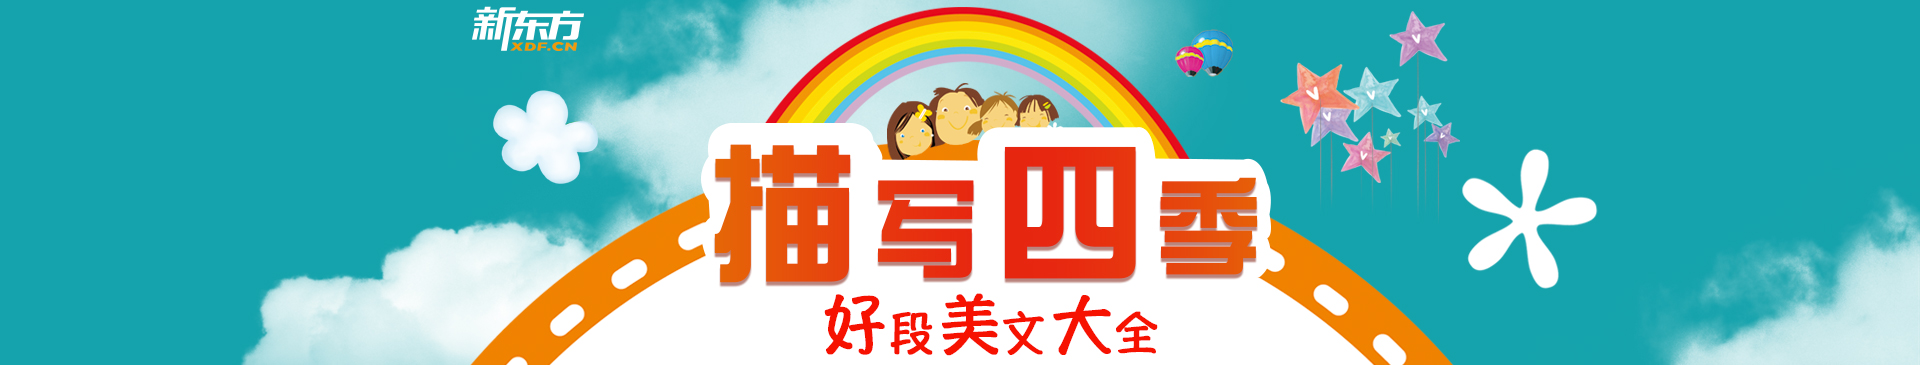 新东方网小学频道策划描写四季的好段美文大全专题